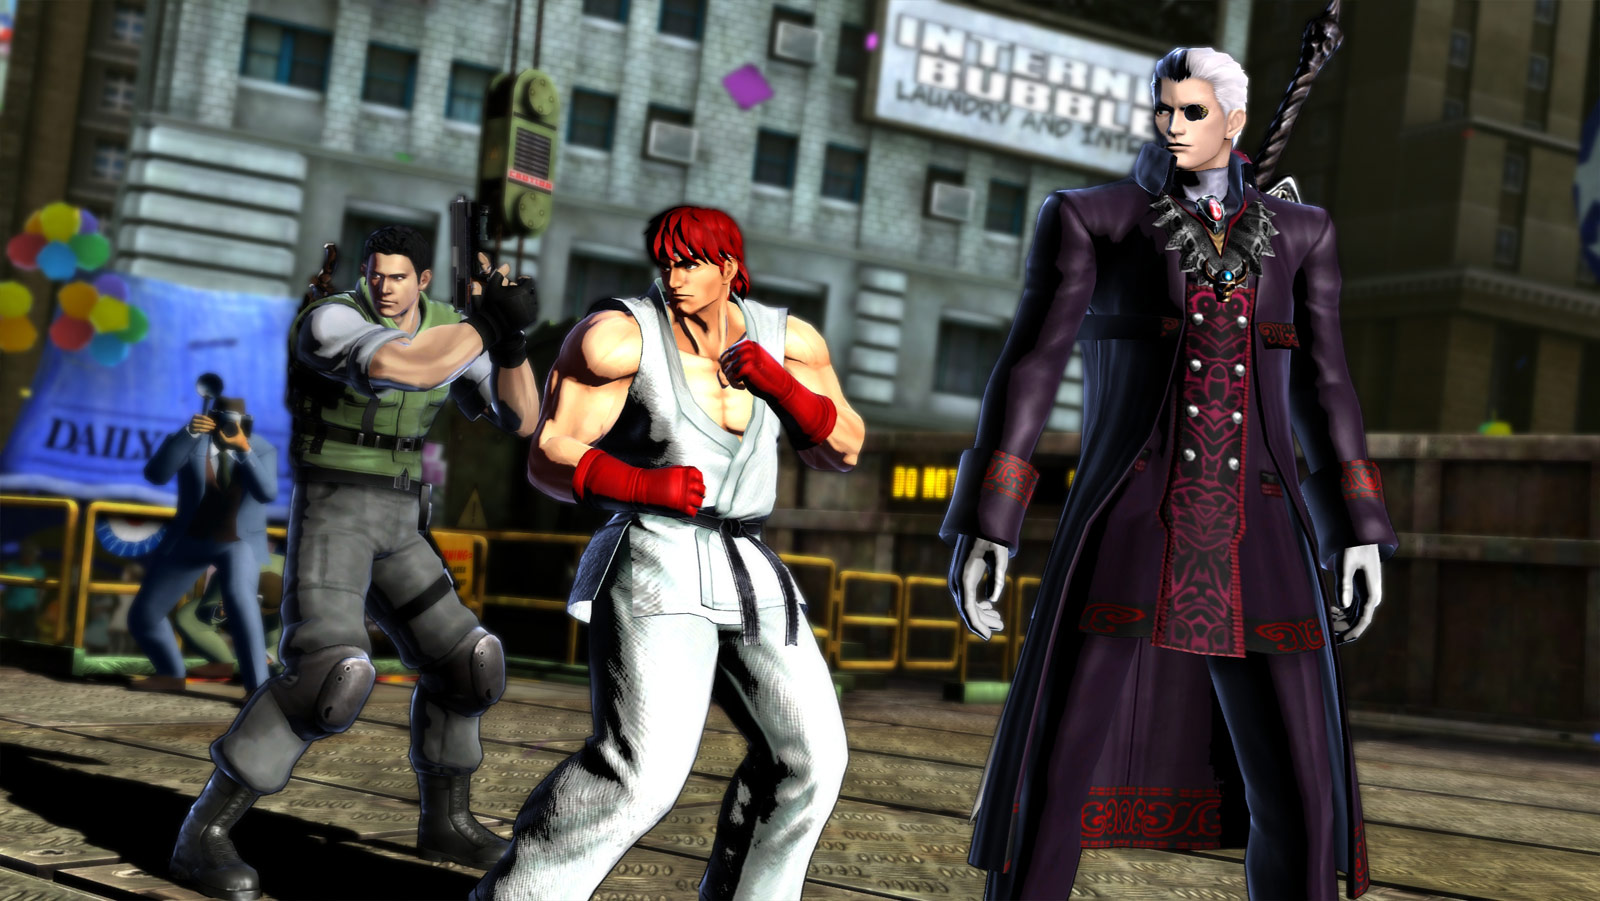 DLC costumes for Marvel vs. Capcom 3 image #20